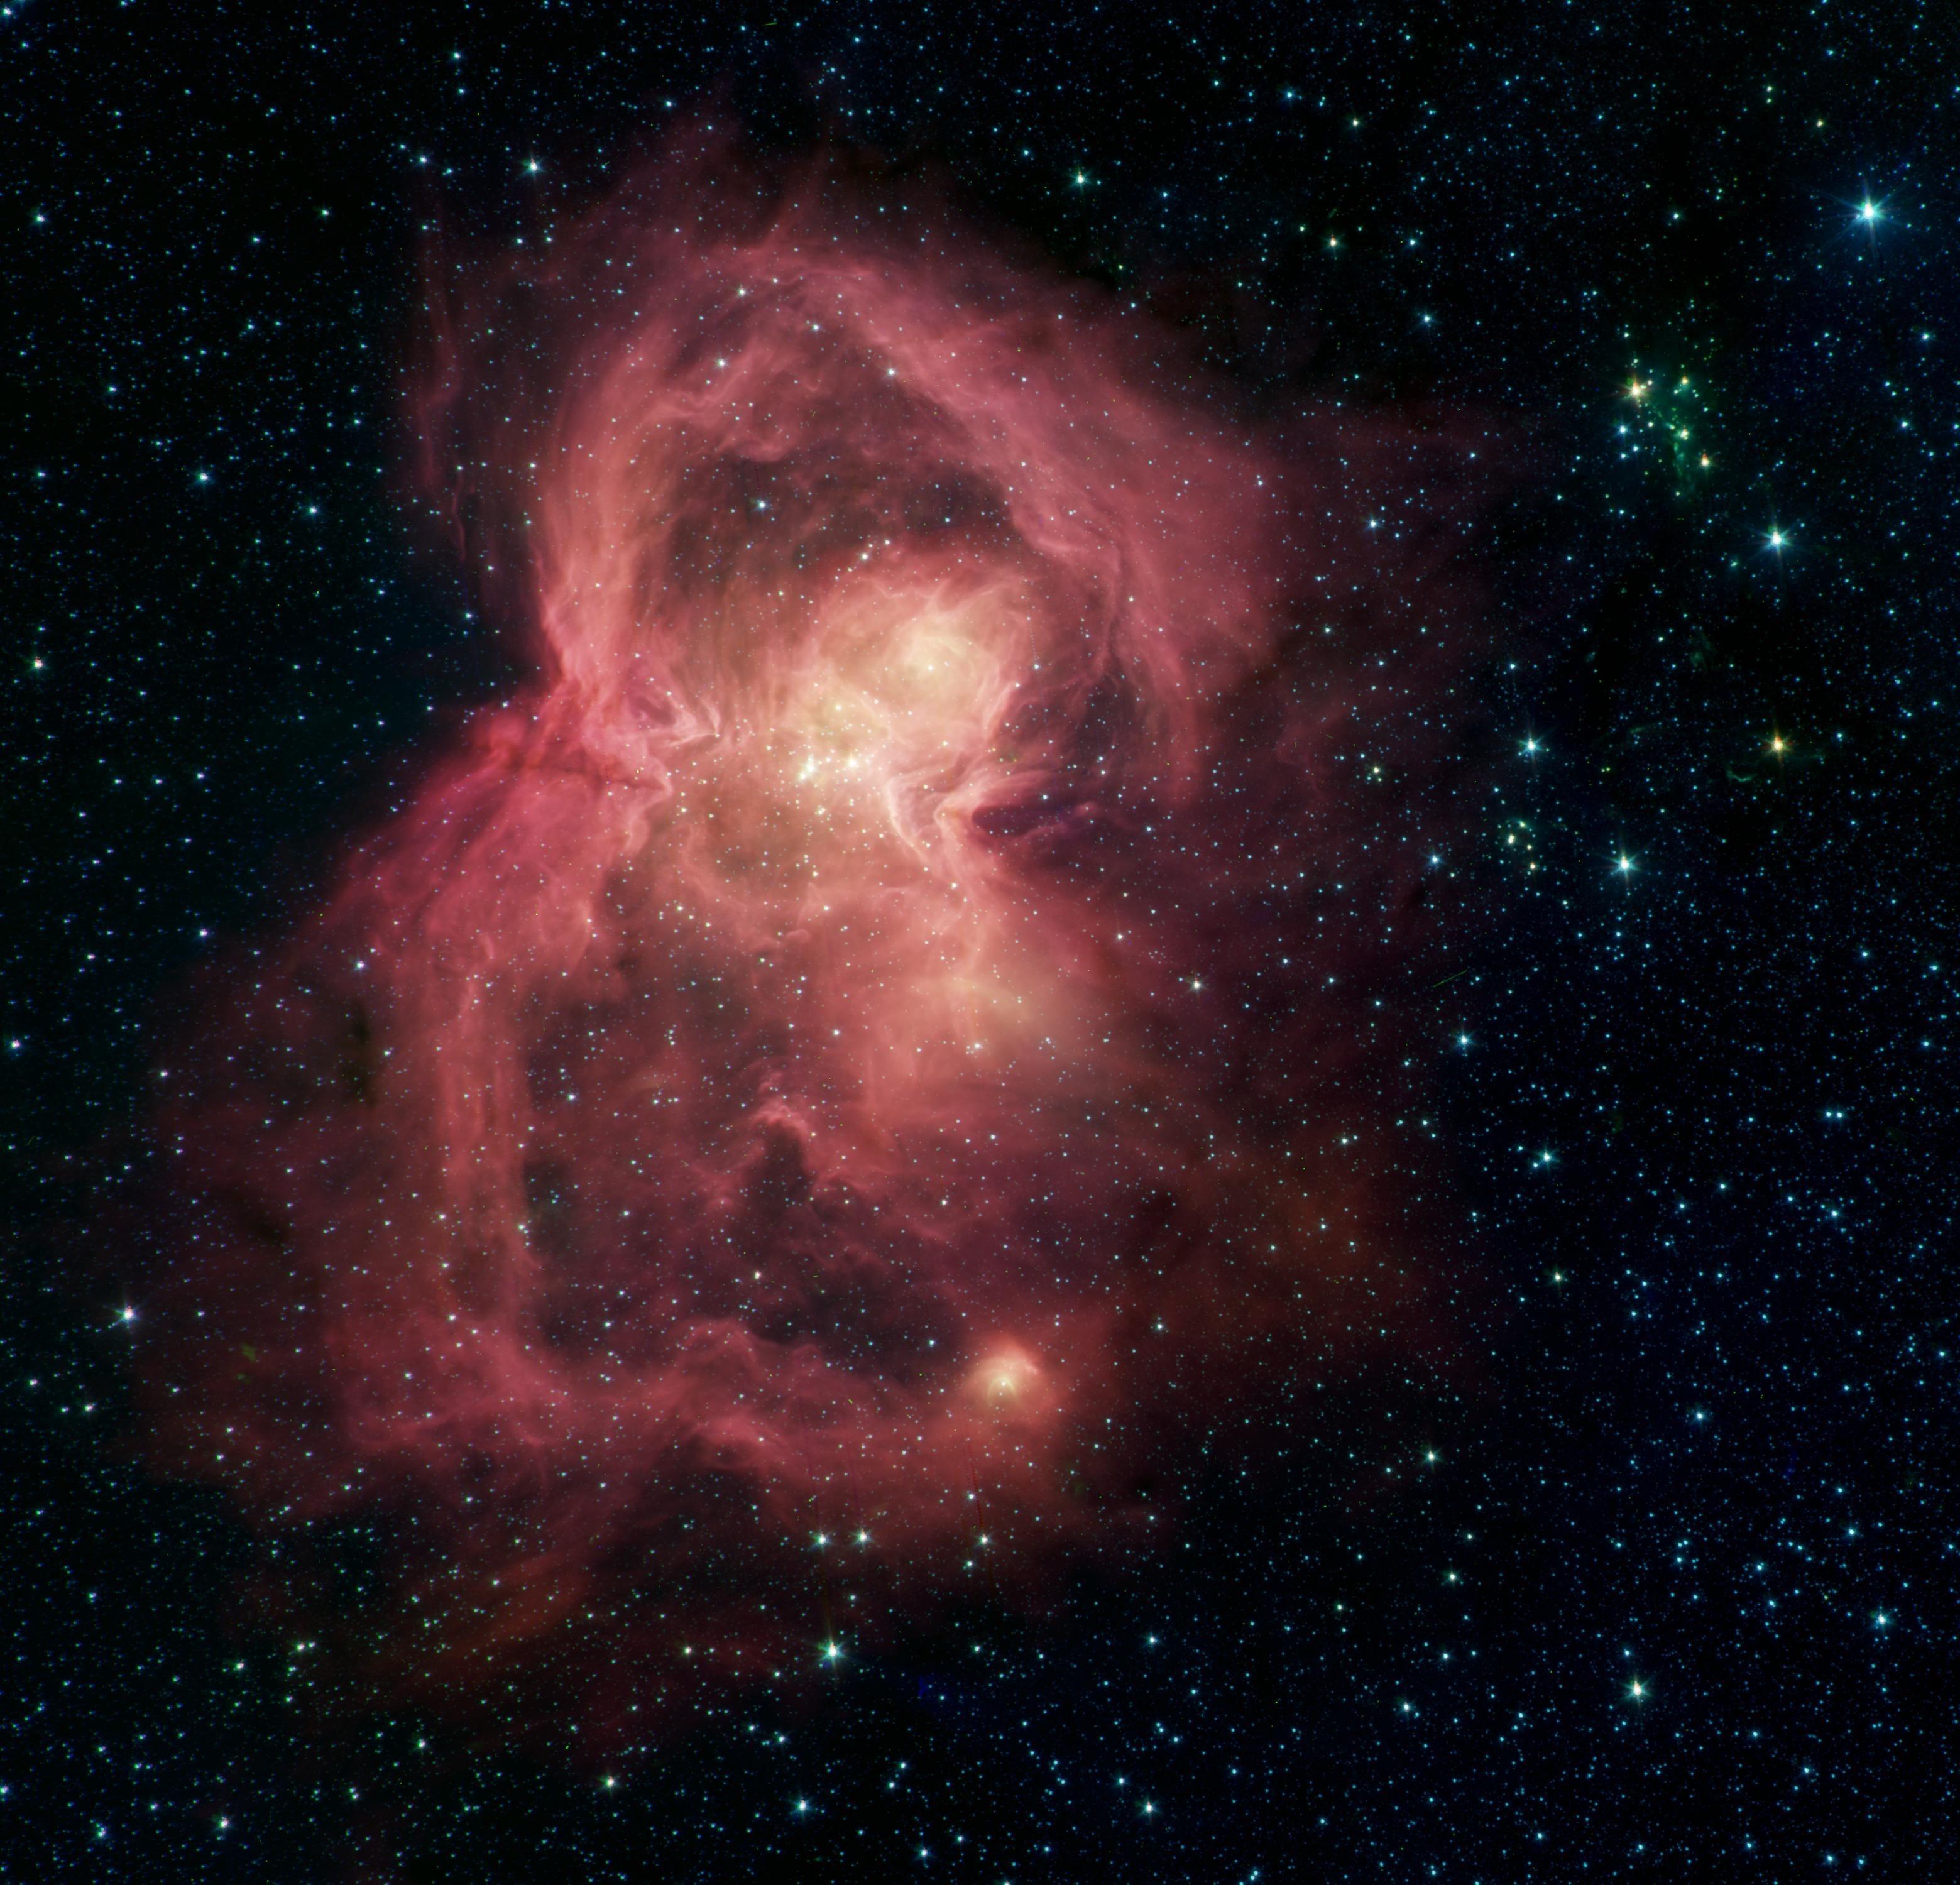 W40 stellar nursery